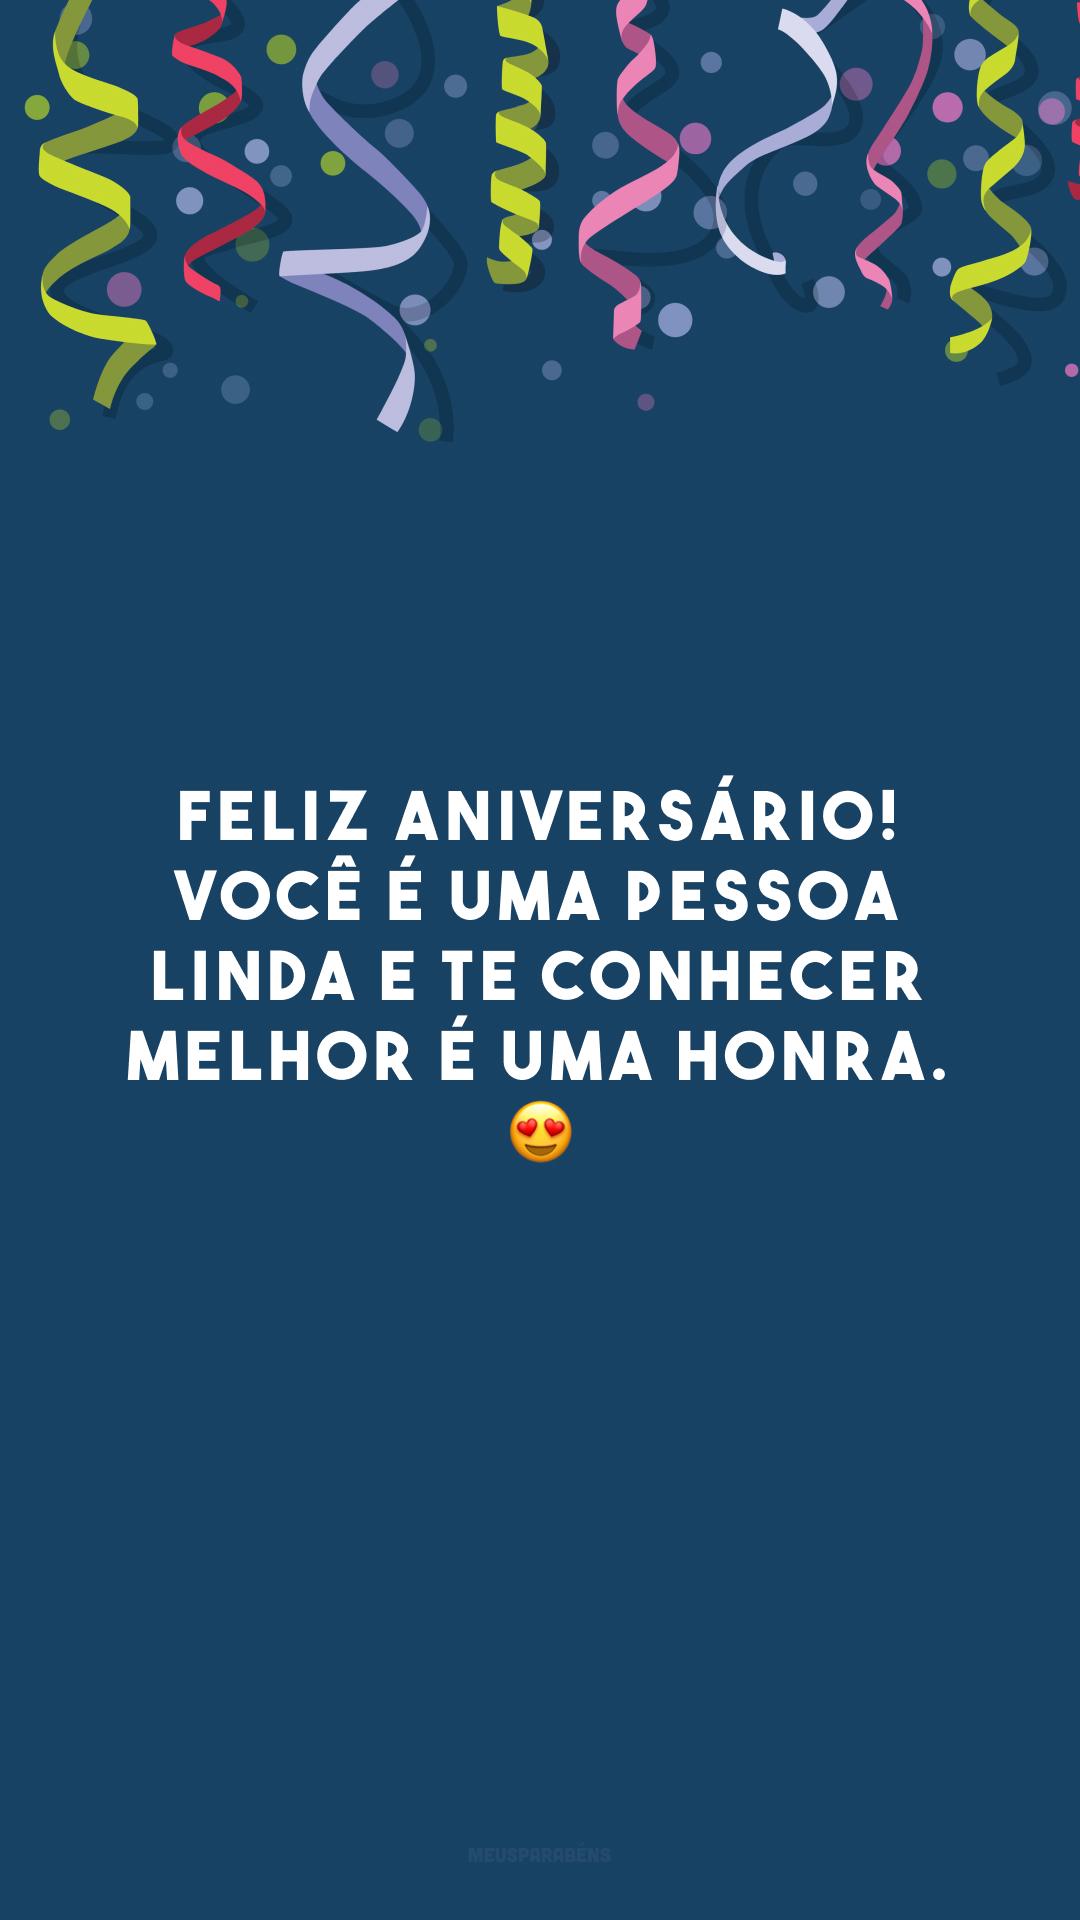 Feliz aniversário! Você é uma pessoa linda e te conhecer melhor é uma honra. 😍